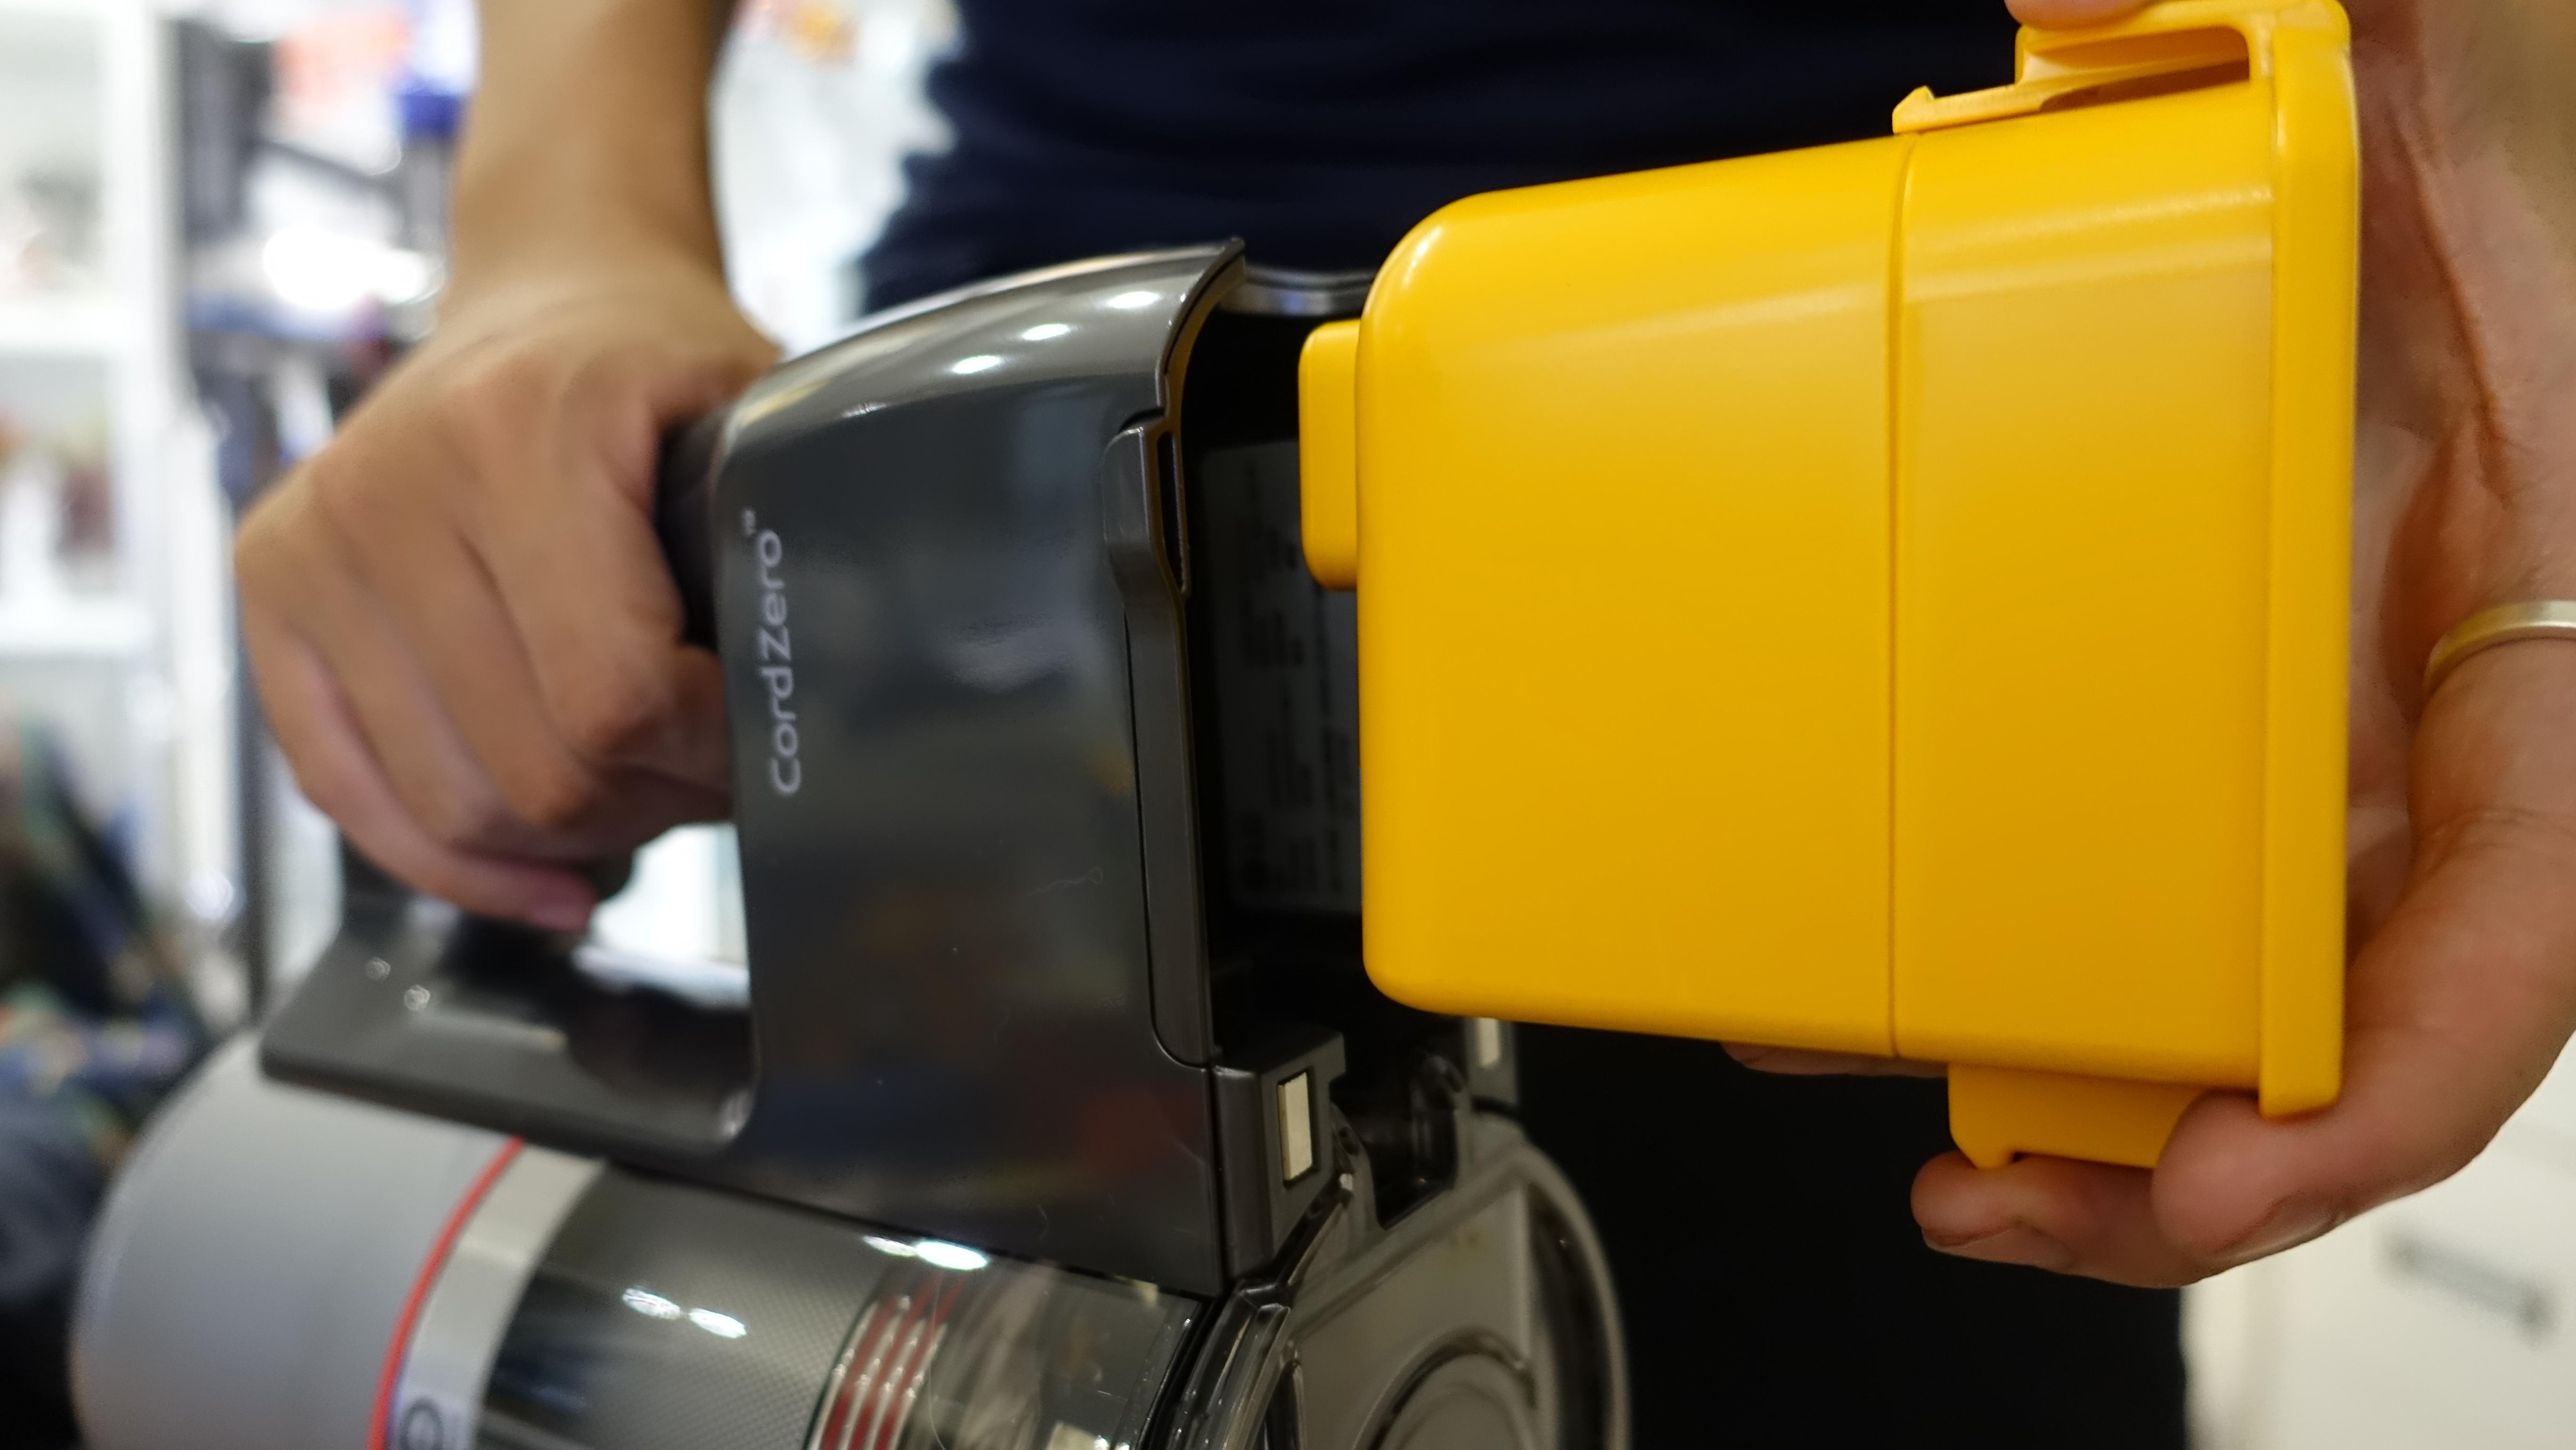 「開箱短評」除舊佈新,交給 LG CordZero A9 吸塵器,不受線制輕鬆打掃